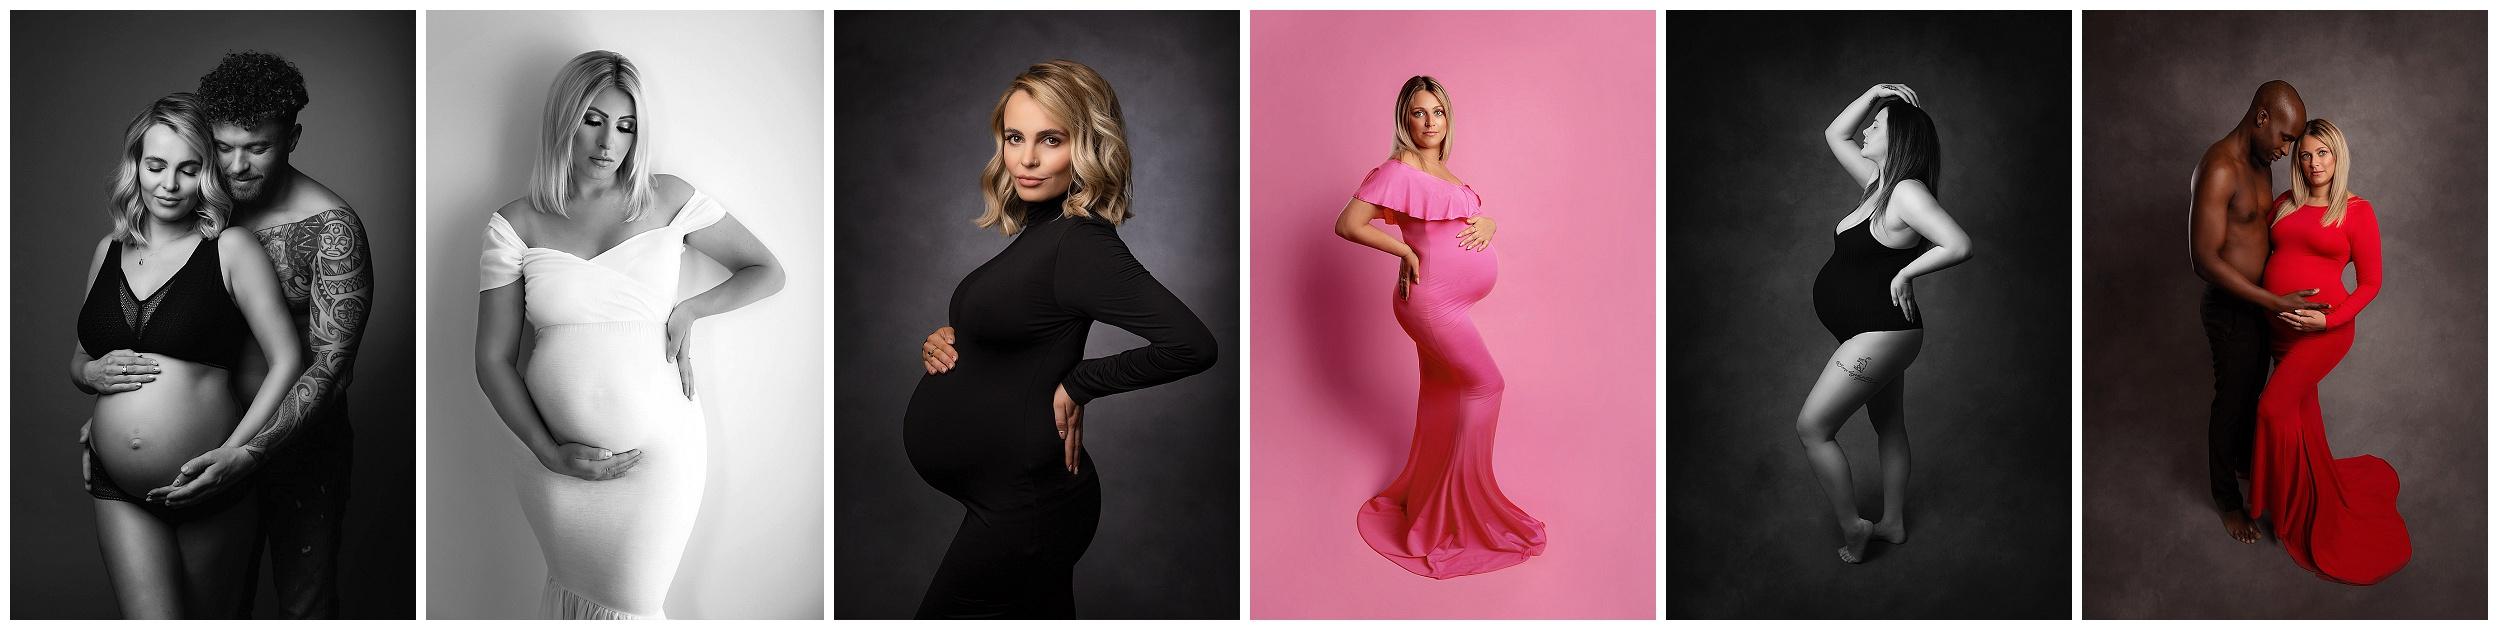 Pregnancy Photoshoots Yorkshire   Leeds   Bradford   Skipton   Ilkley   Keighley